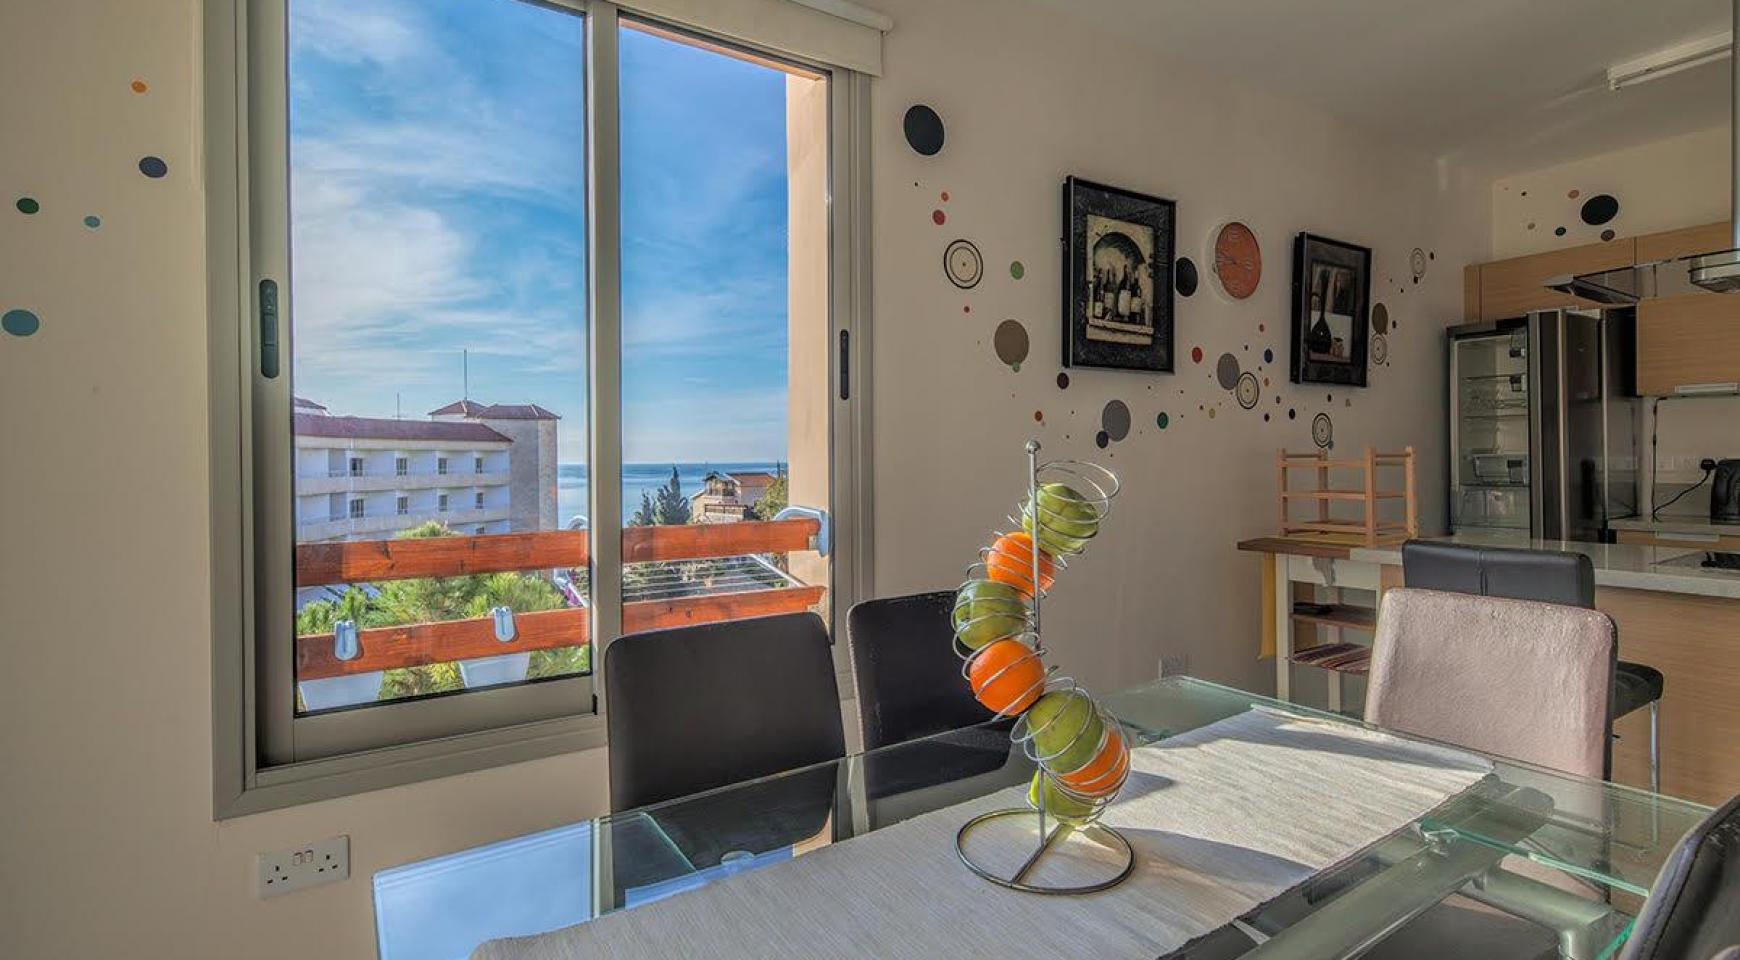 2 Bedroom Duplex Apartment in a Prestigious Complex near the Sea - 4